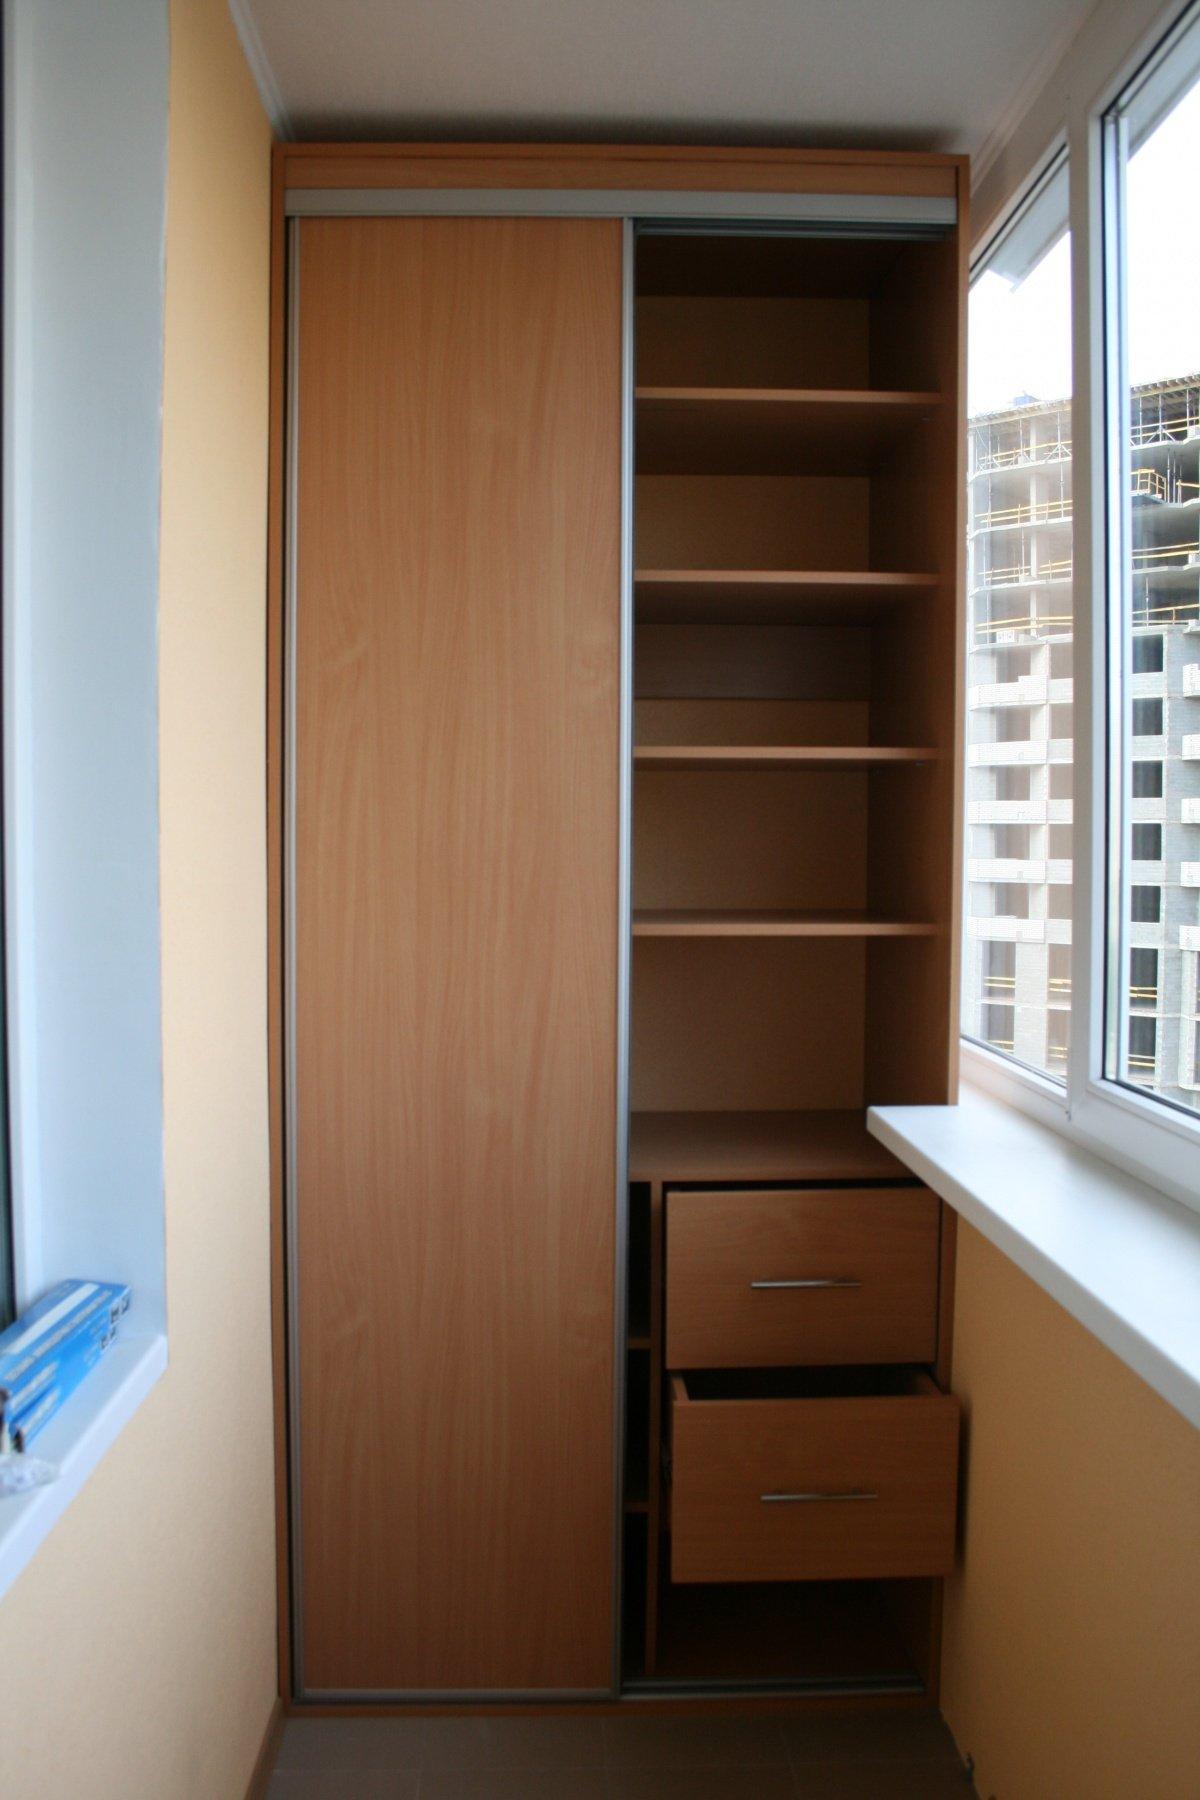 Как делать встроенный шкаф на балкон совет мастера.